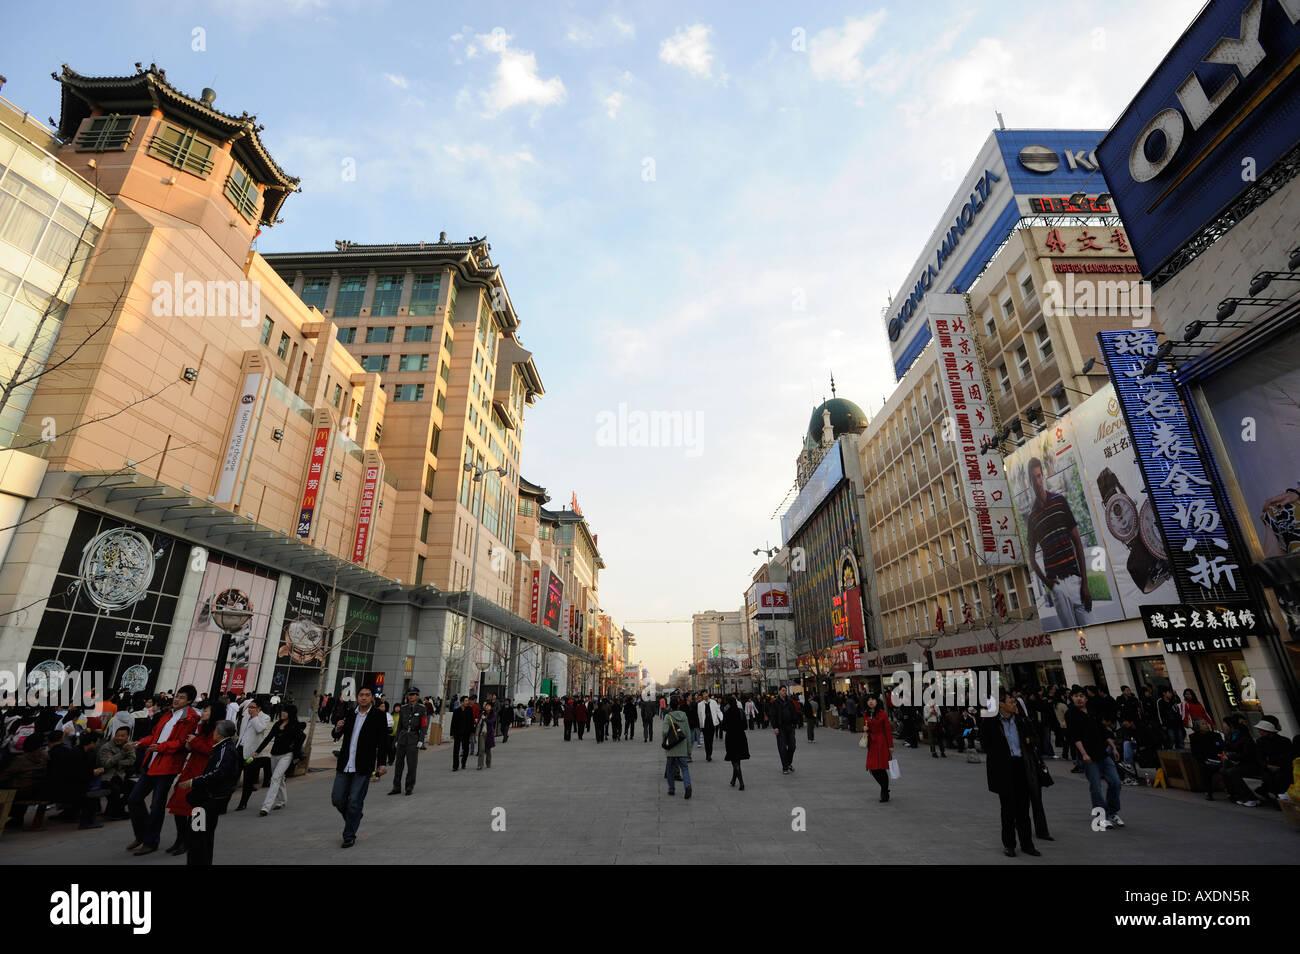 Wangfujing Street in Beijing China. 23-Mar-2008 - Stock Image